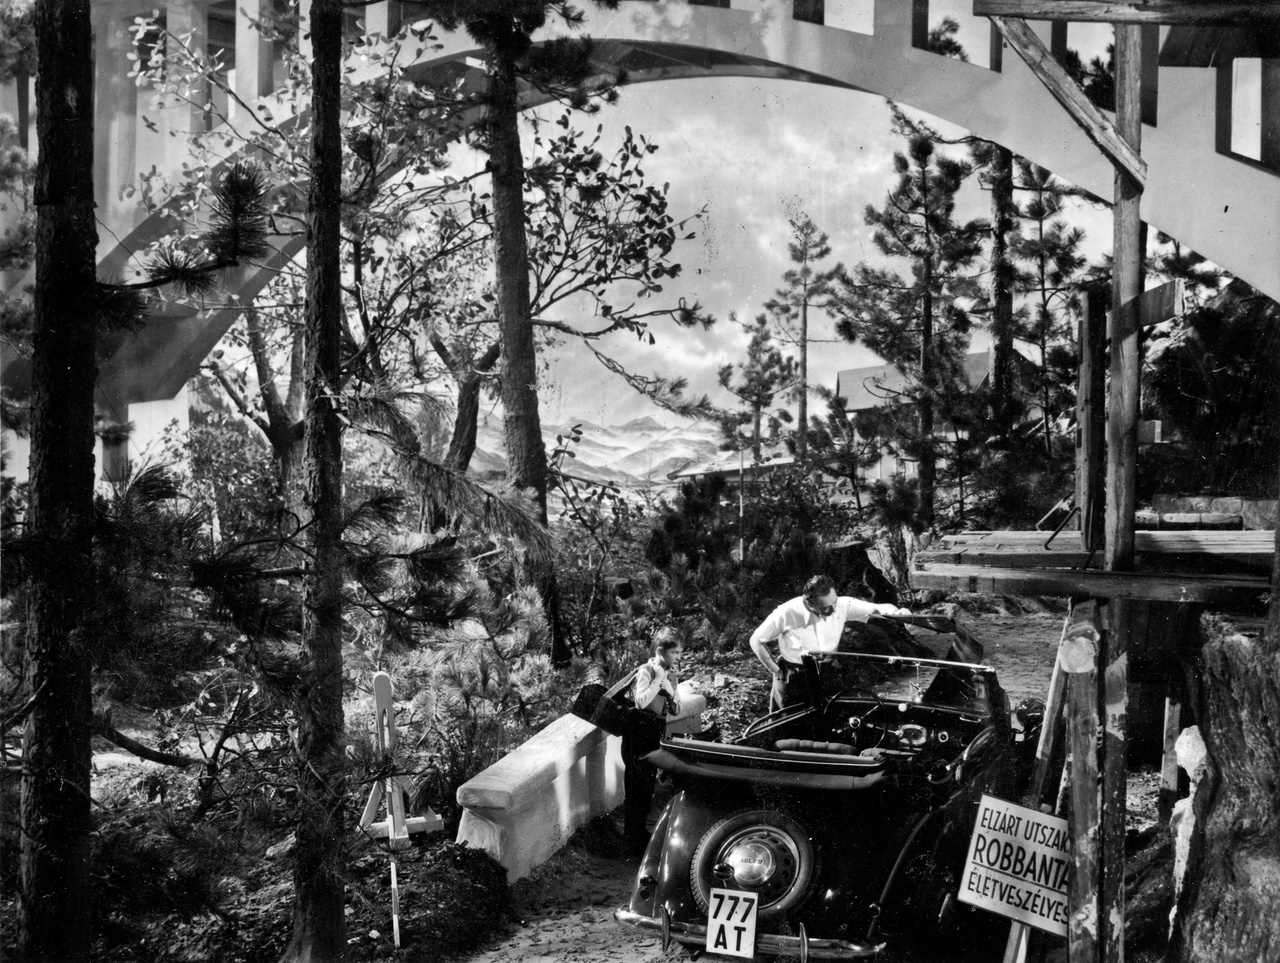 A Vincze Márton halálát okozó filmgyári díszlethíd, amelyet az ikerműteremben építettek fel. A kiszámíthatatlan időjárás és kényelmesebb körülmények miatt is jobban szerettek akkoriban műtermi felvételekben gondolkodni a producerek. Sokkal kiszámíthatóbb volt így a forgatás és olcsóbb is, mintha terepre vonult volna a stáb mázsás súlyú kamerákkal, lámpákkal.